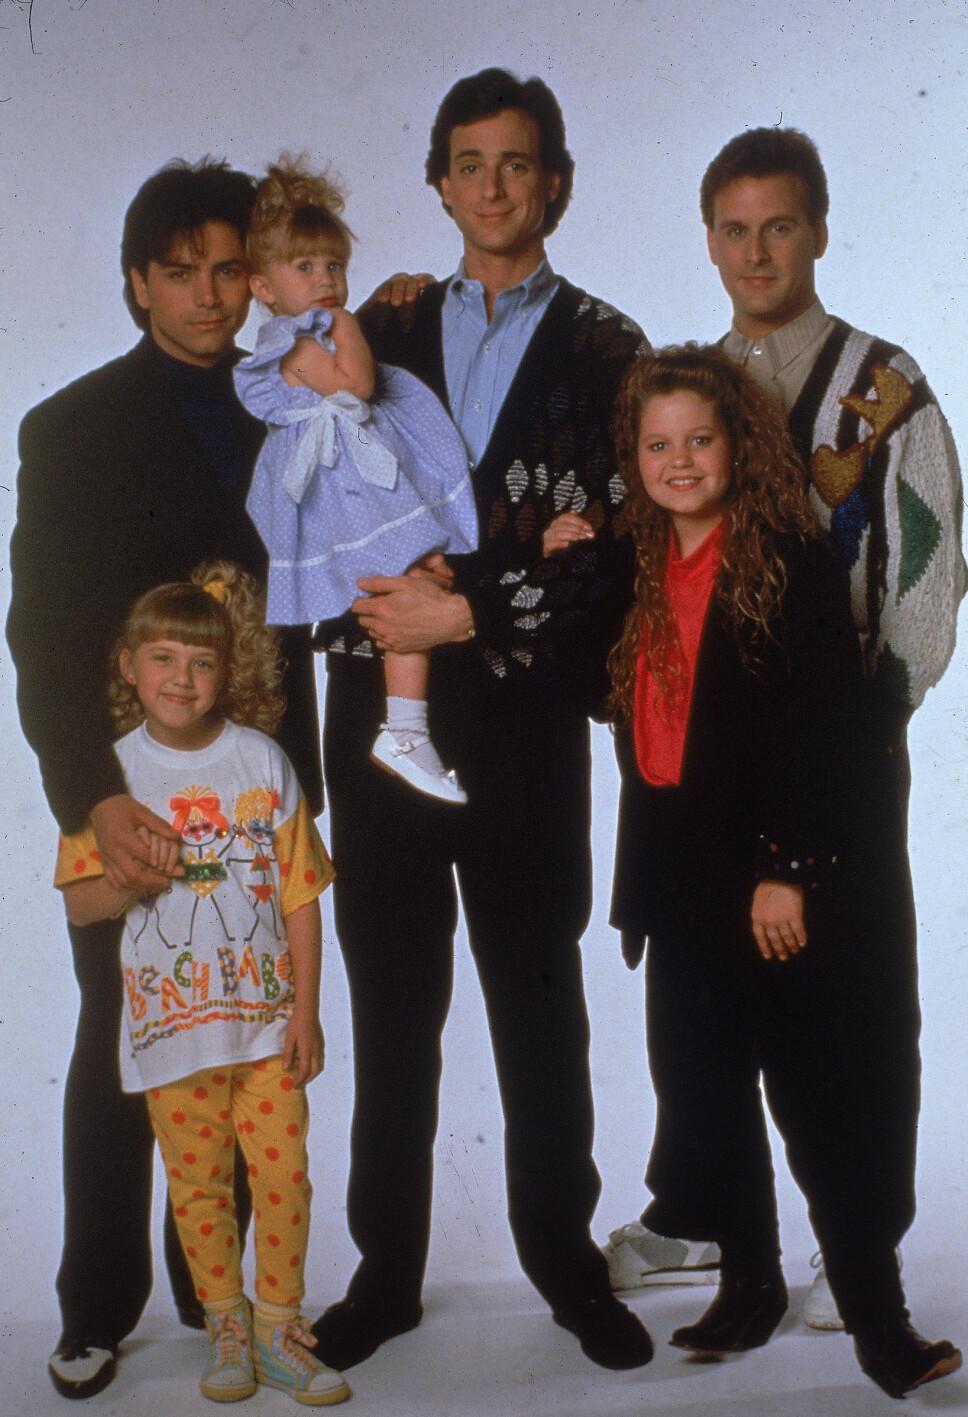 «UNDER SAMME TAK»: John Stamos (f.v.), Jodie Sweetin, Ashley eller Mary-Kate Olsen, Bob Saget, Candace Cameron og David Coulier spilte i den suksesfulle serien.